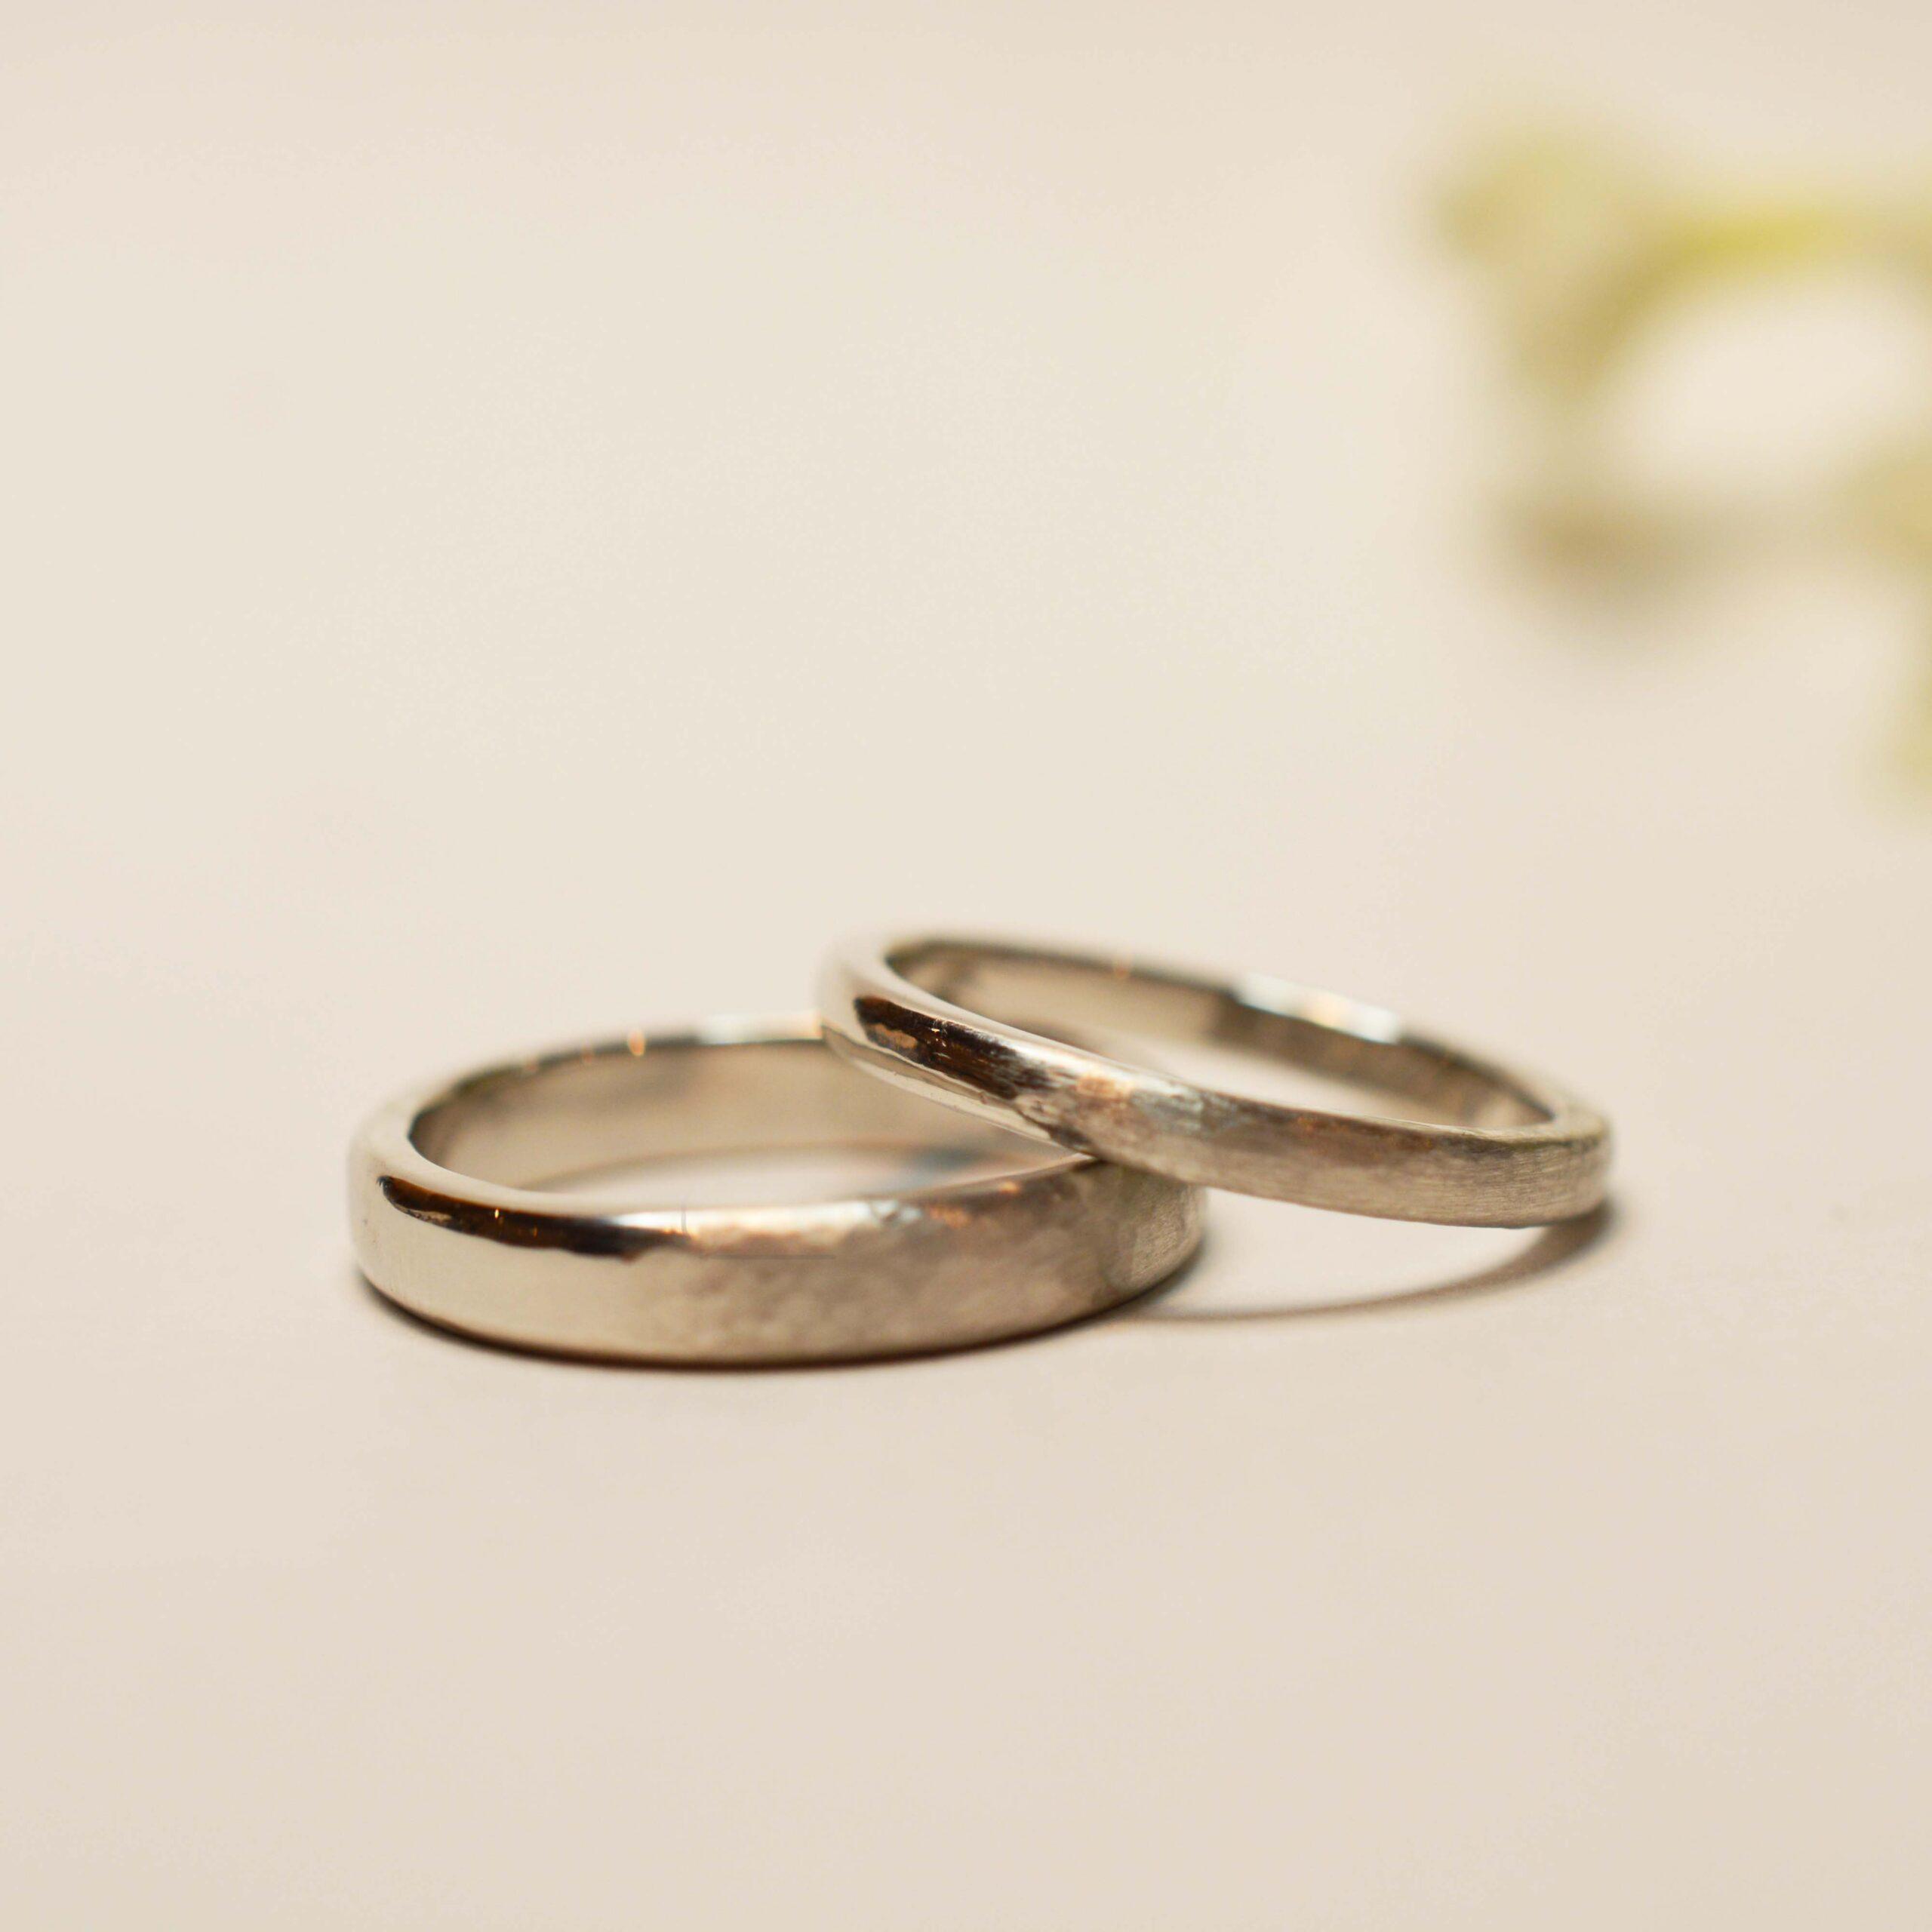 【手作り結婚指輪日帰りコース】中平様カップル